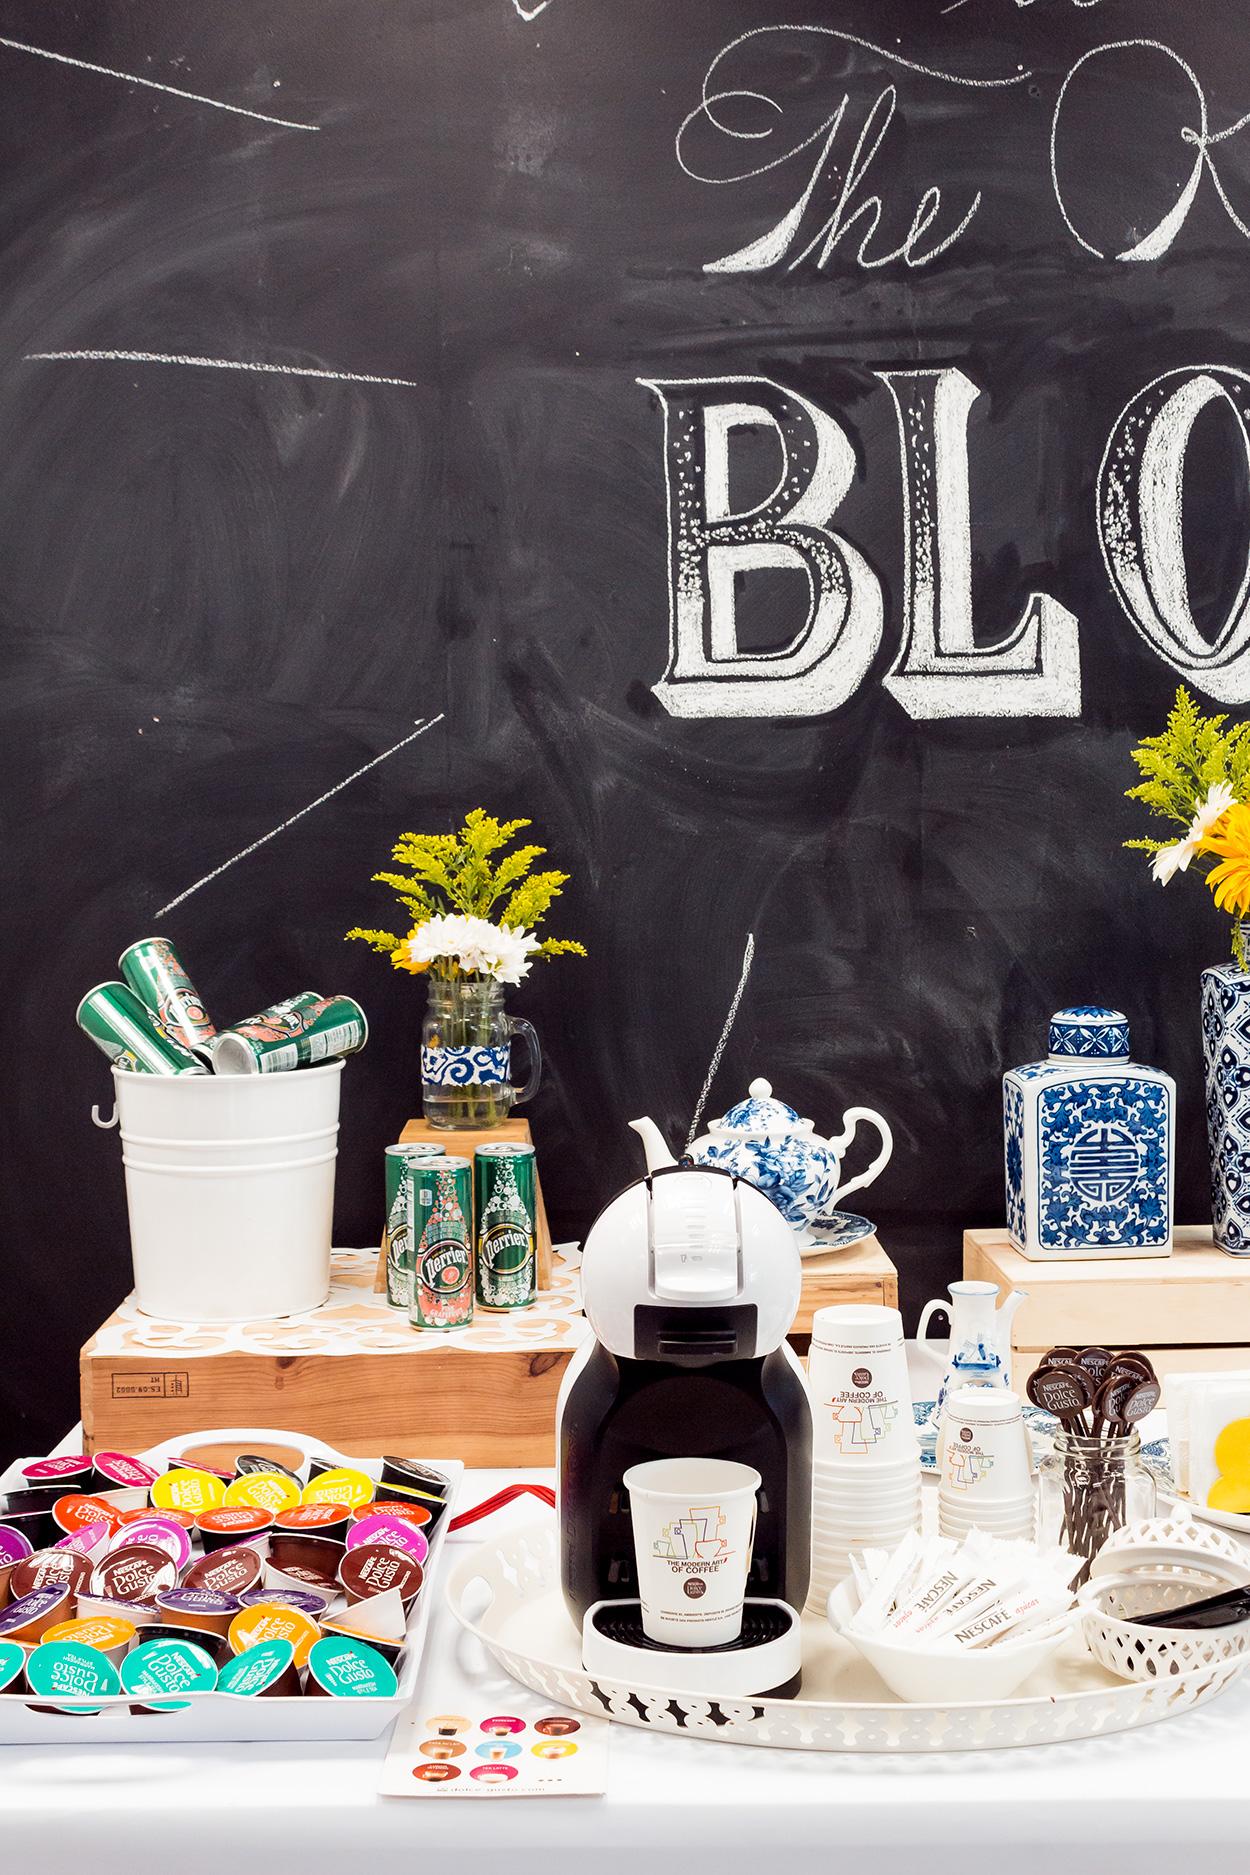 The key to blog es el curso intensivo se aprende dónde lo relacionado a un blog, desde cómo iniciar y encontrar tu propósito hasta cómo monetizarlo.